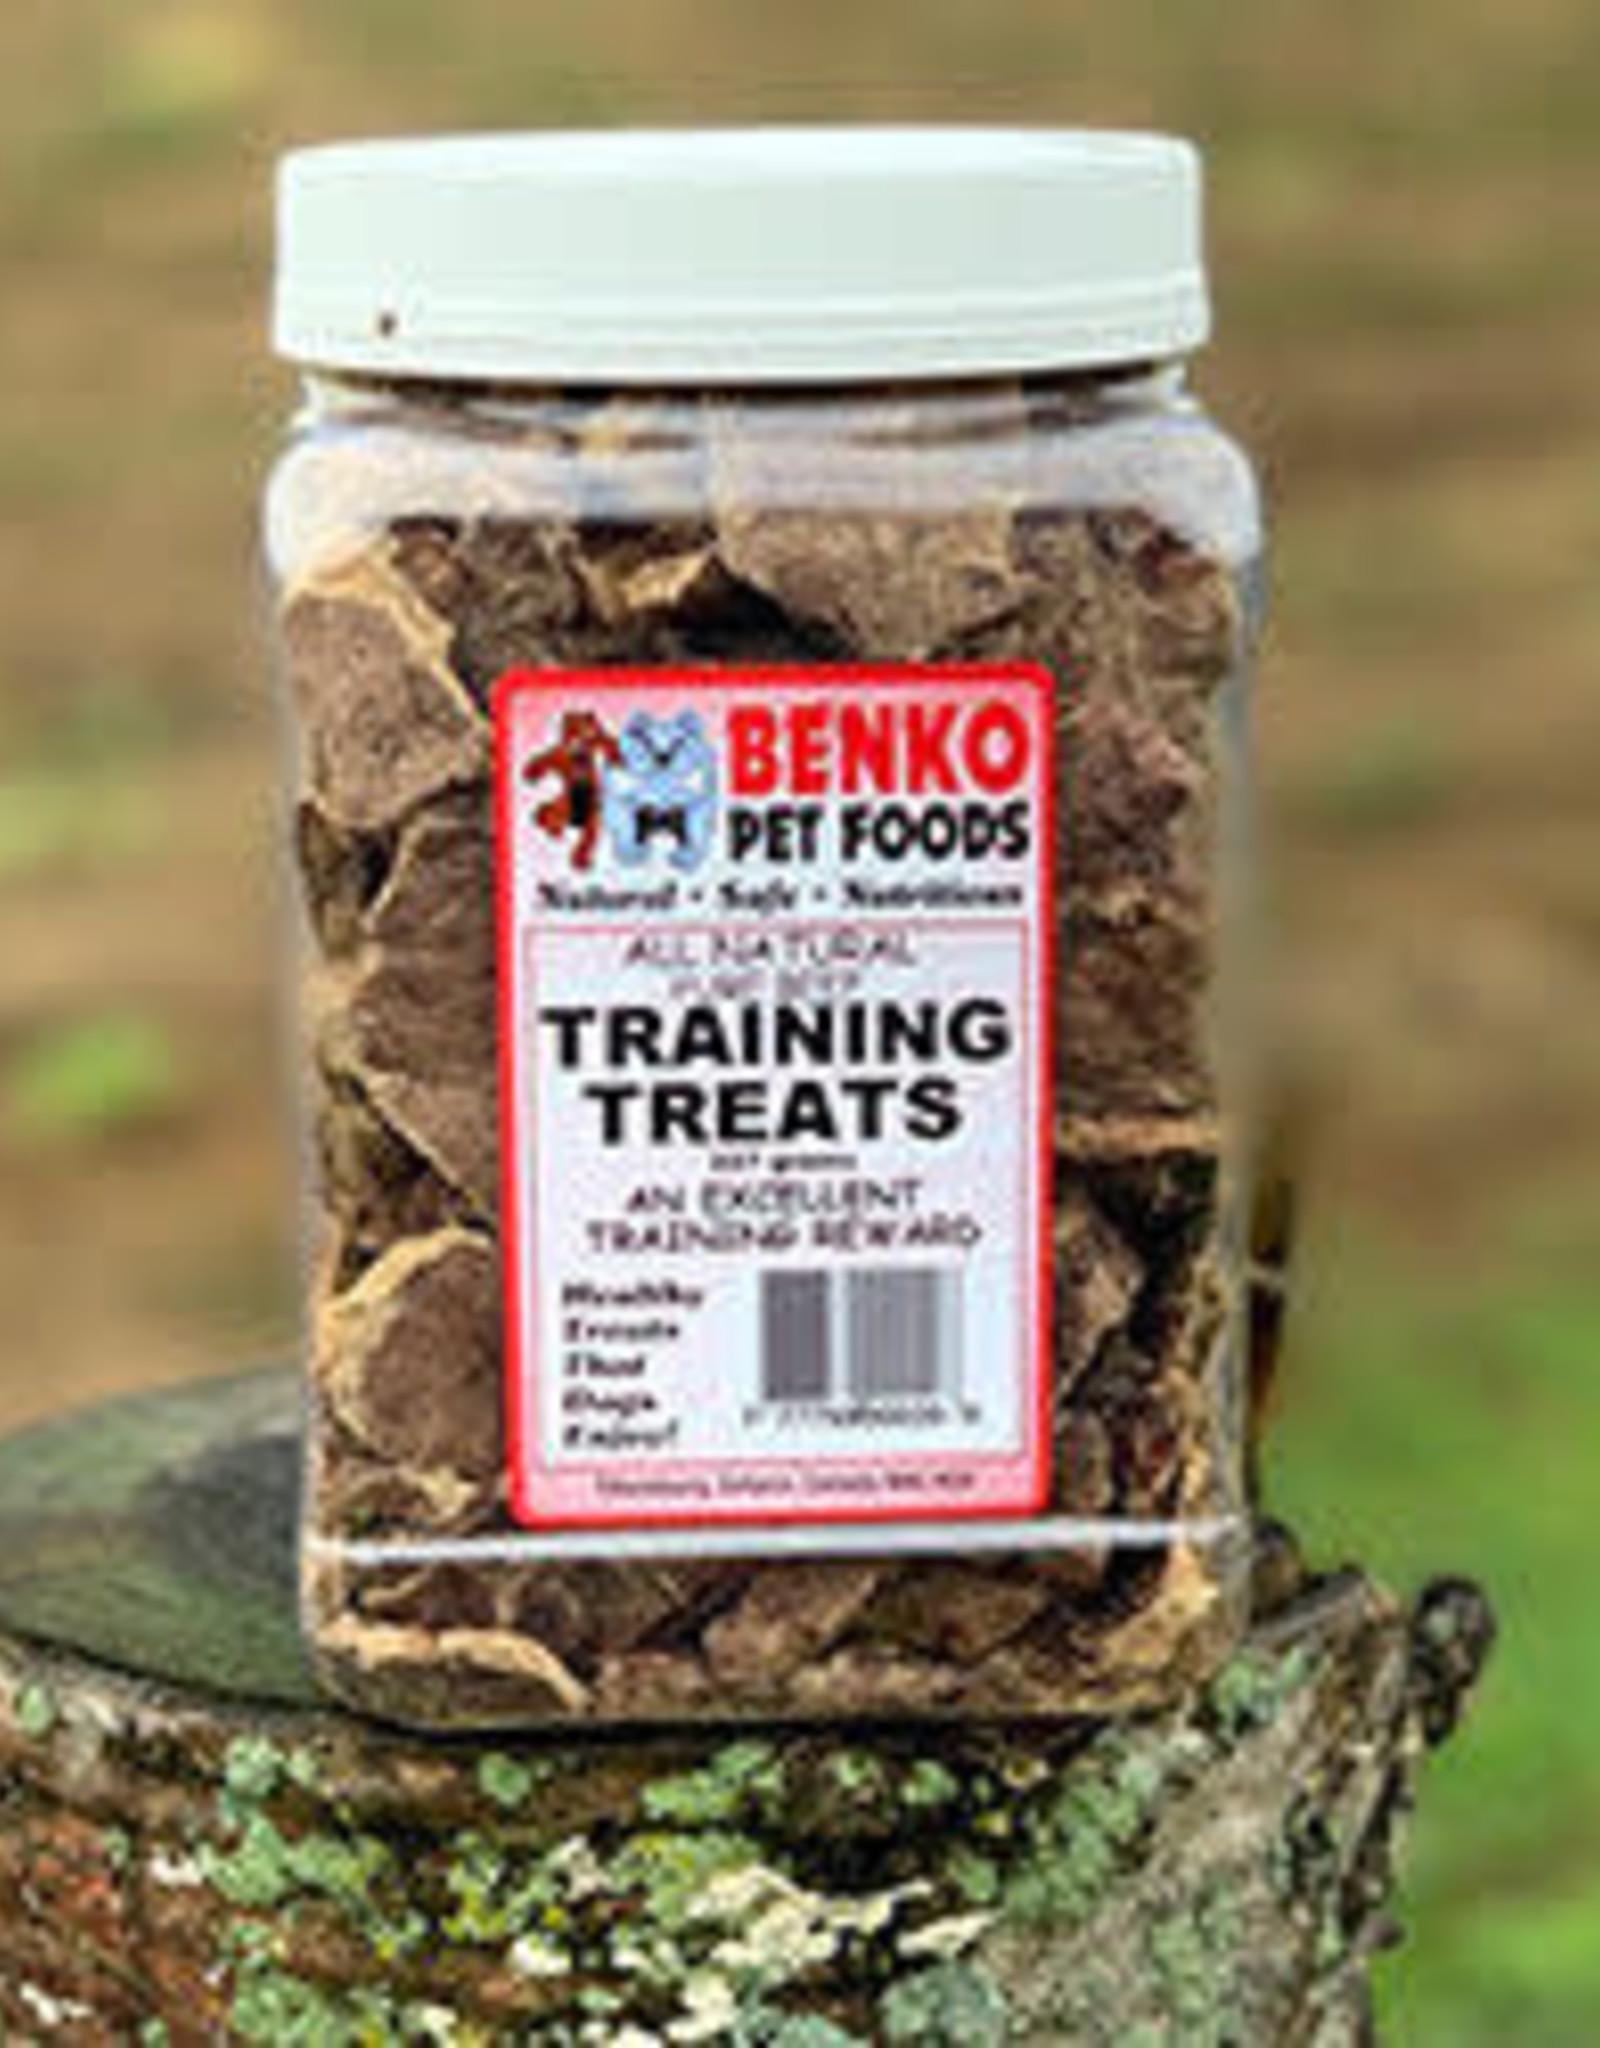 Benko Benko Treats Training Treats 227 g